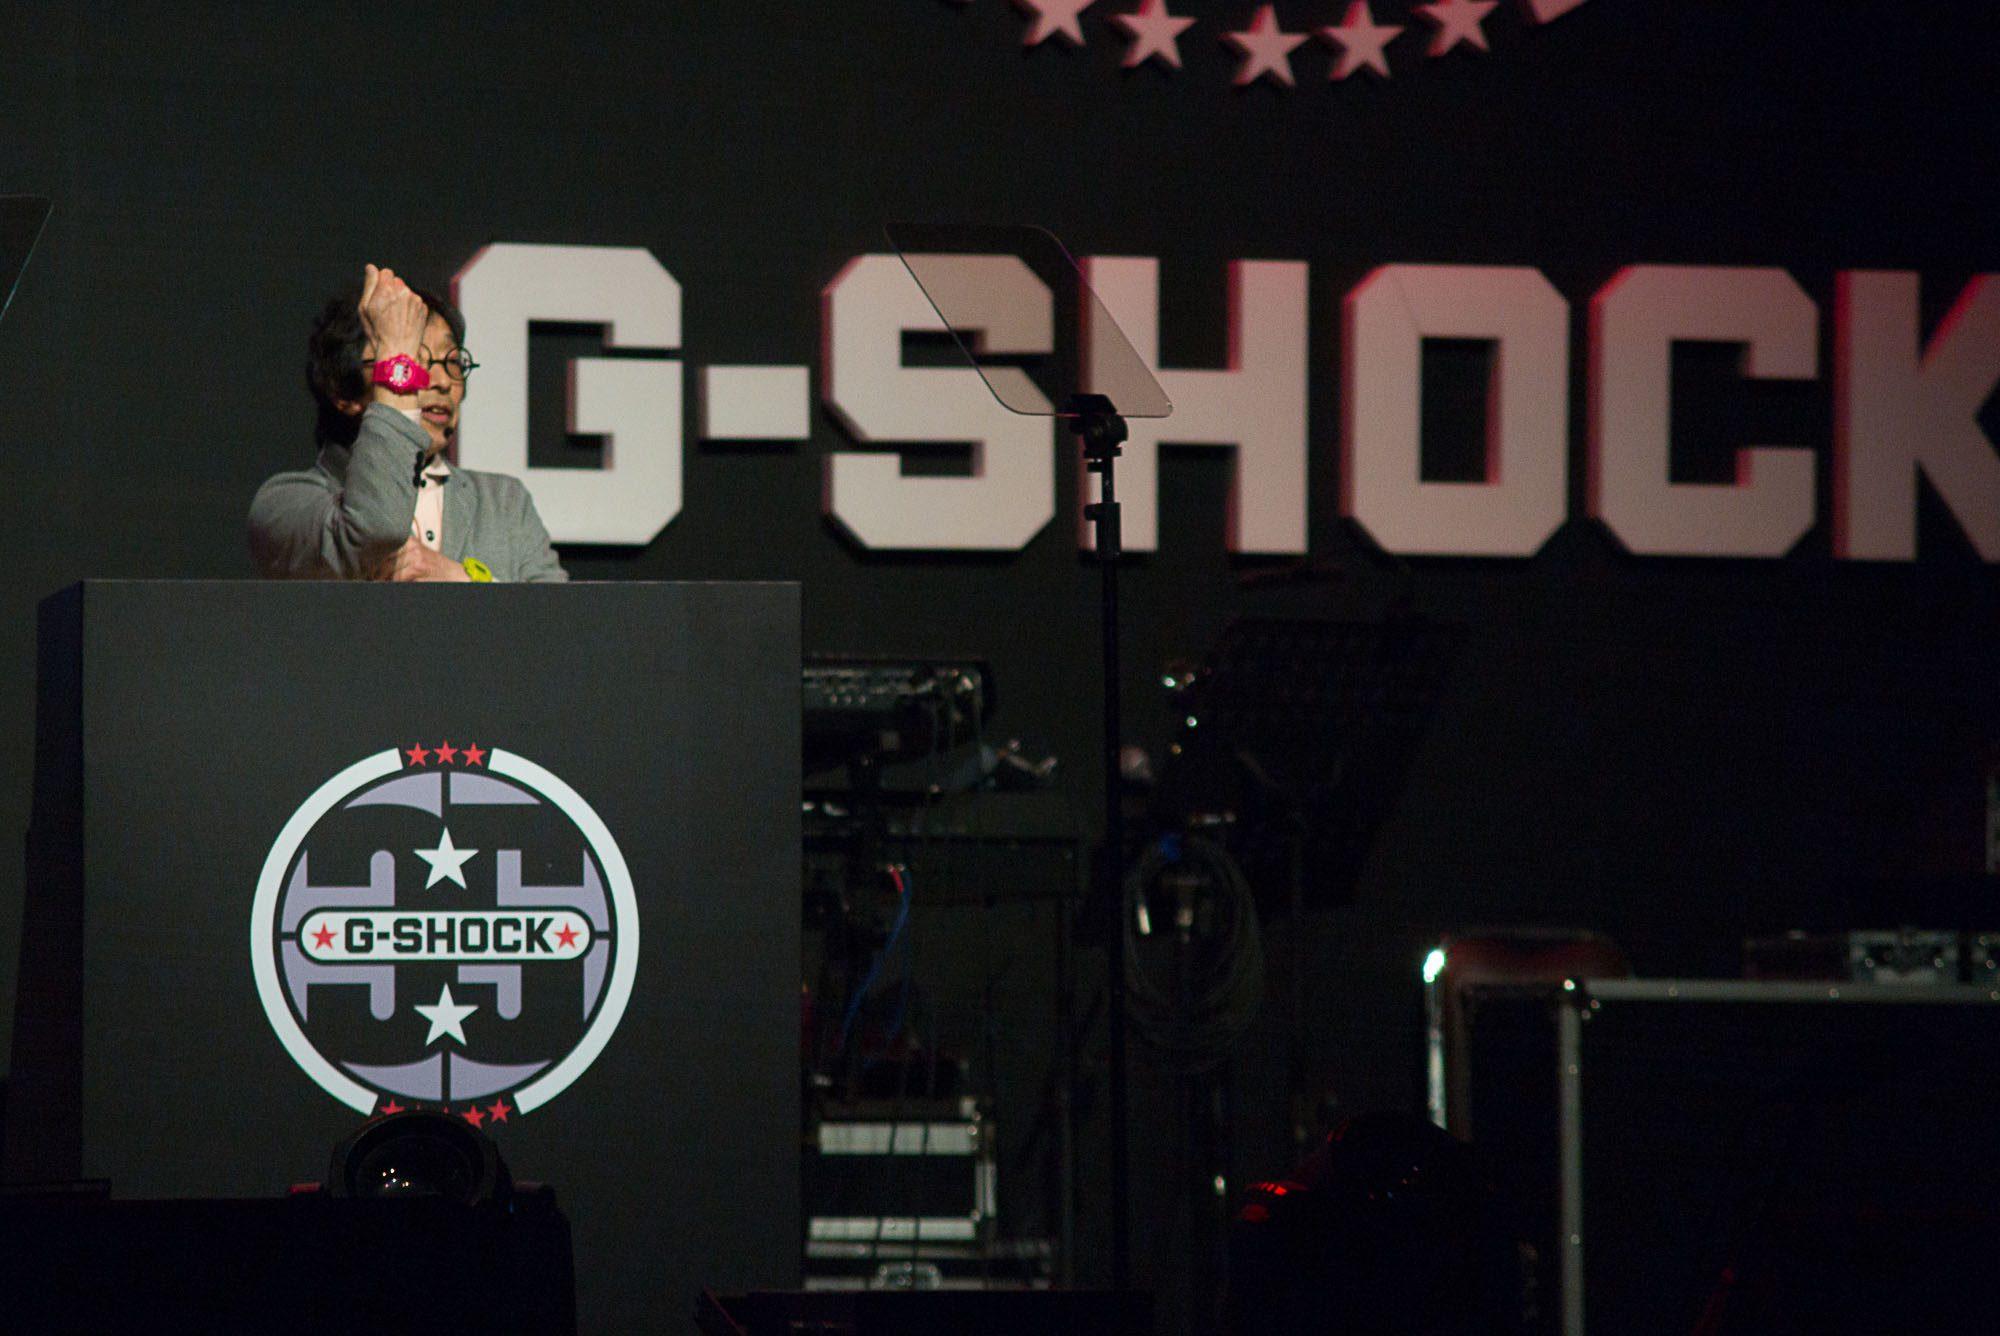 casio-gshock-35anniversary-taipei-1008477